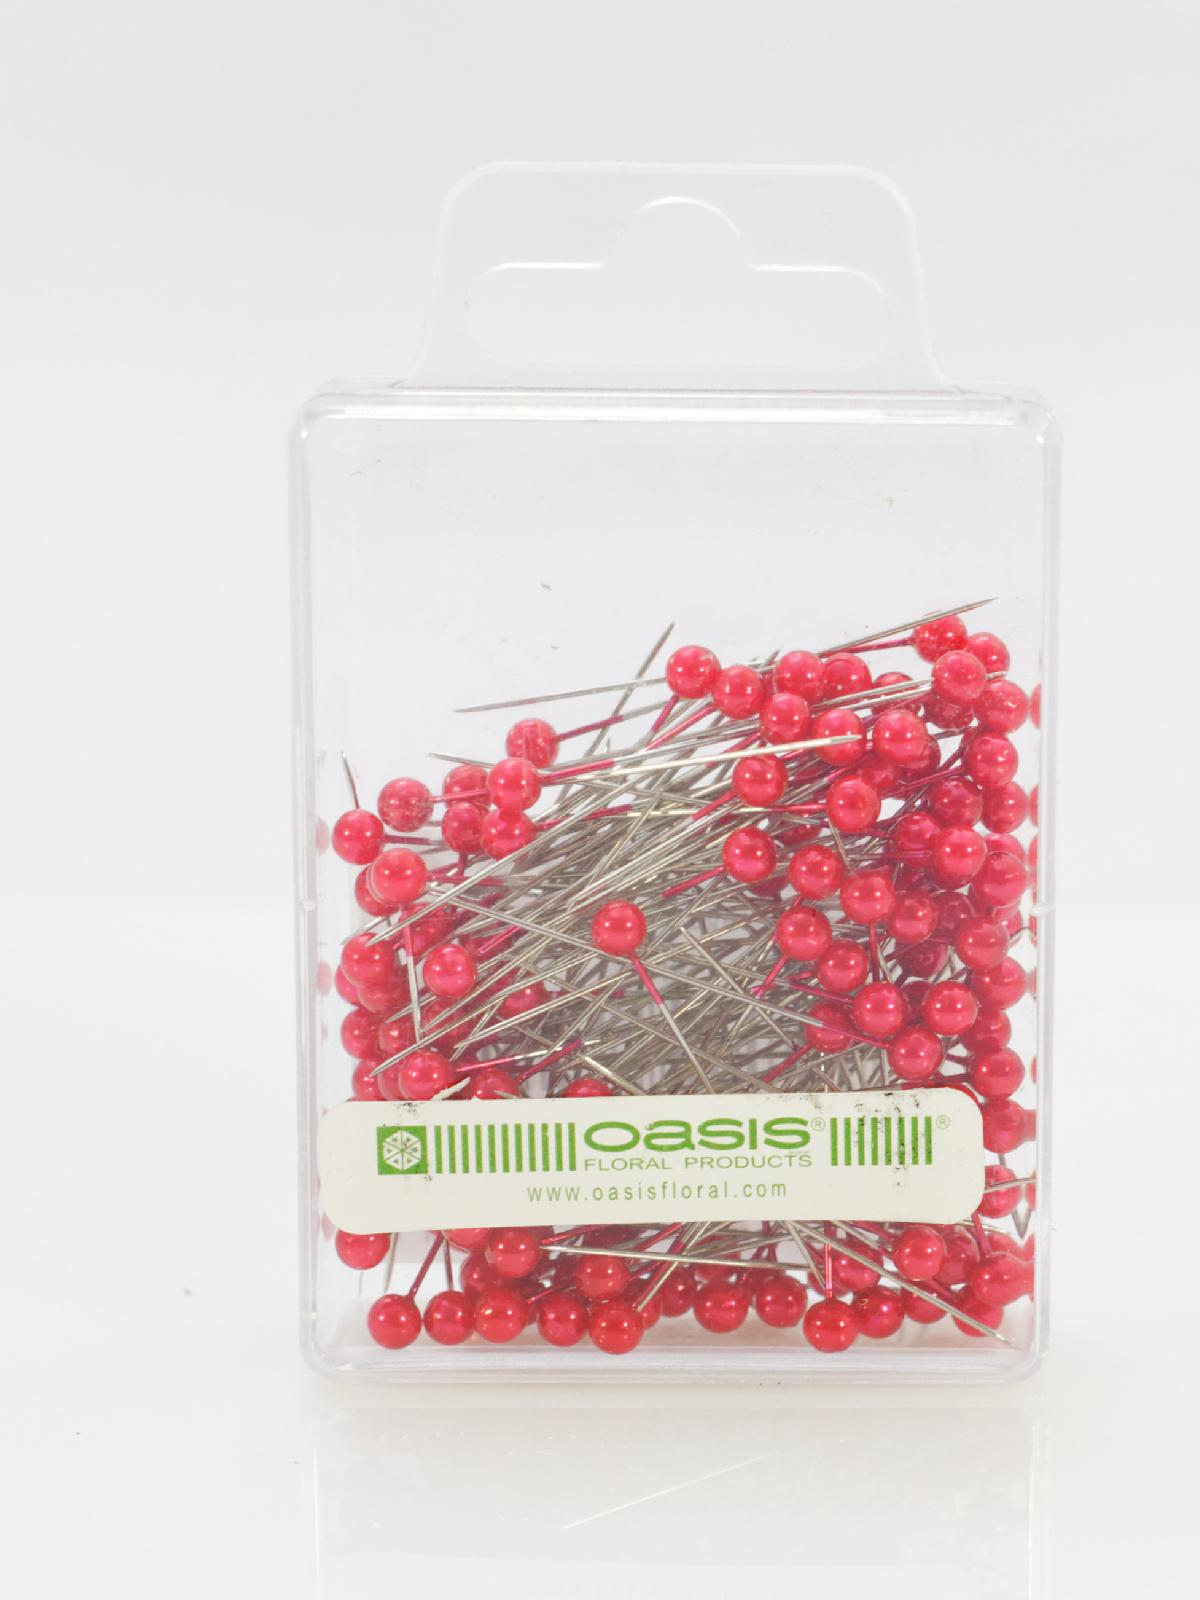 Ace cu perle Oasis culoare roz 144 buc in cutie